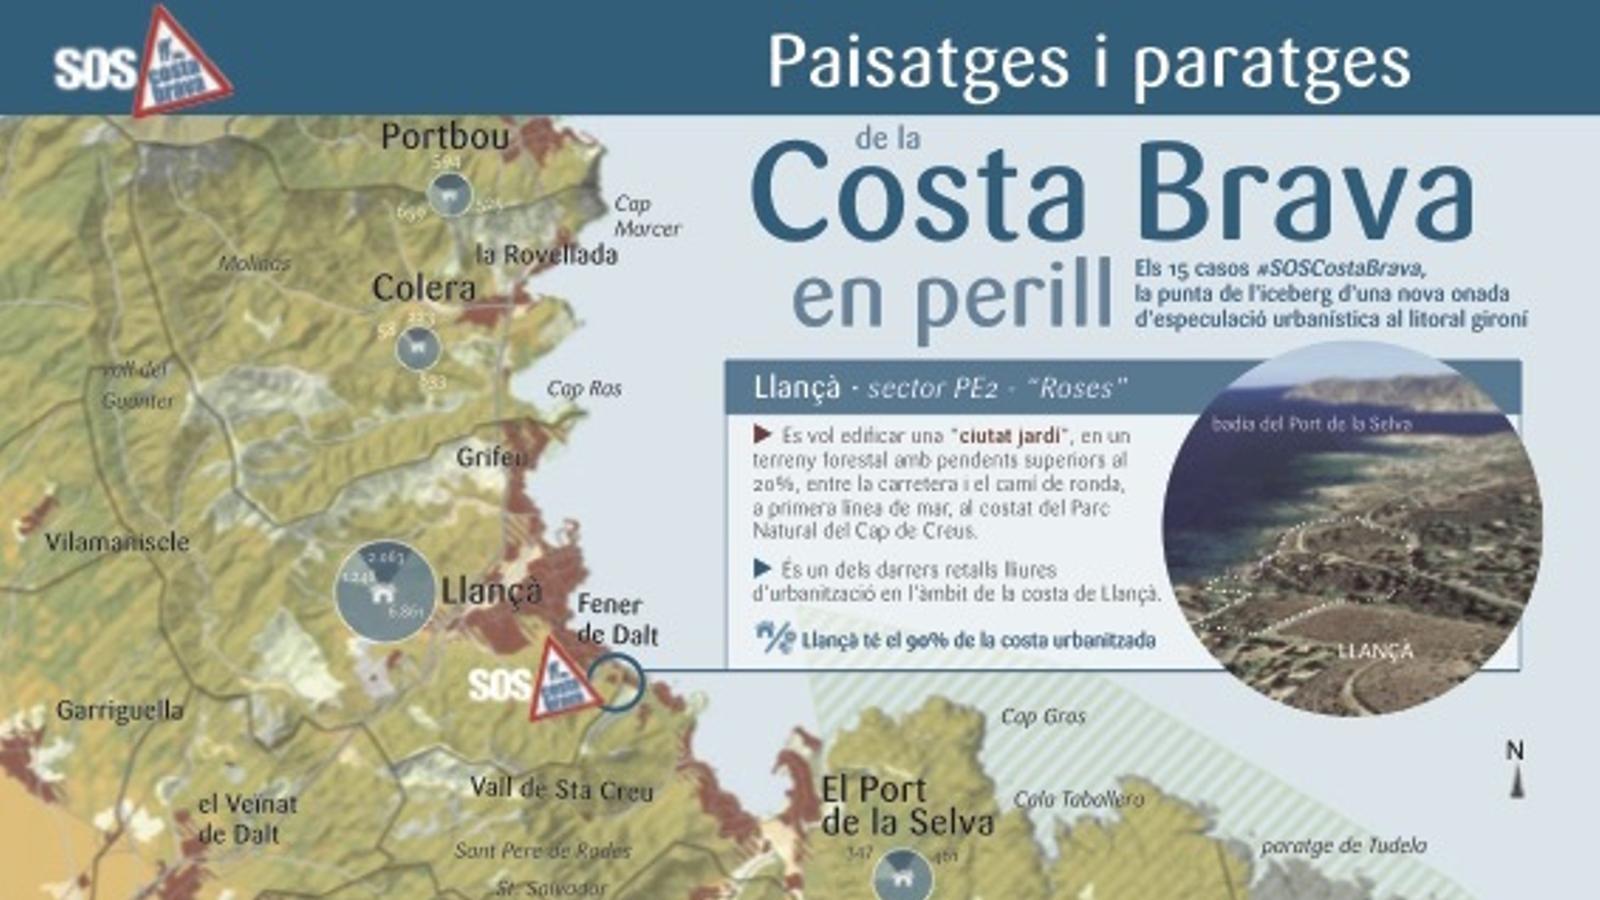 La Costa Brava, en perill